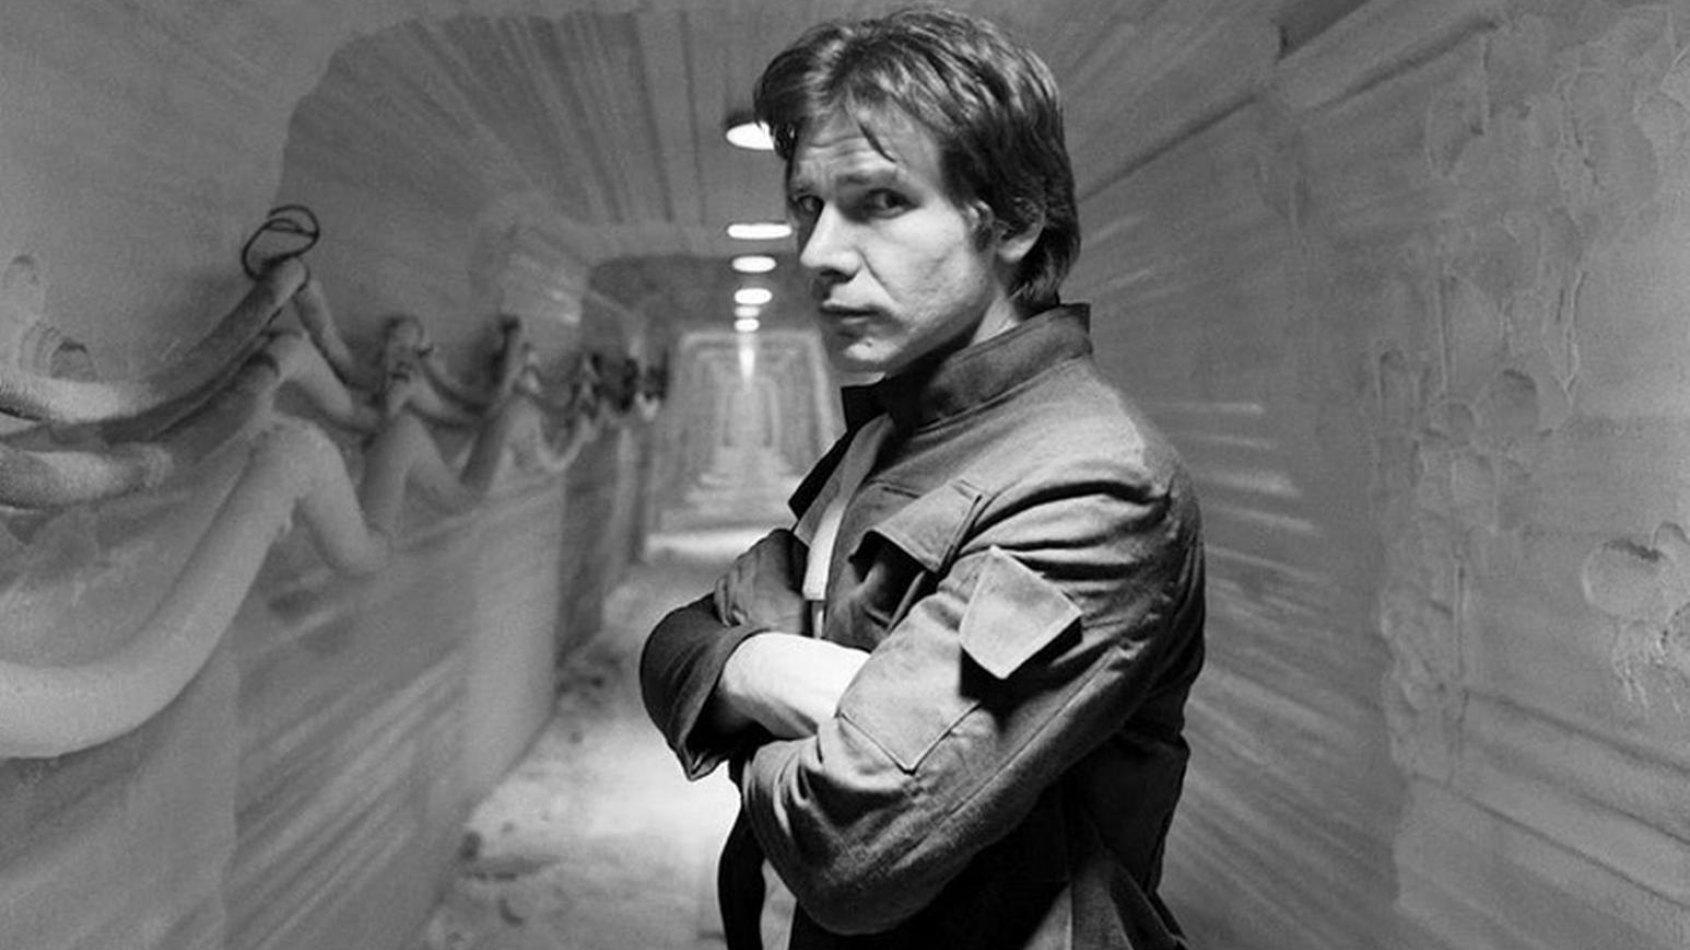 Une sortie en décembre 2018 pour le spin-off sur Han Solo ?